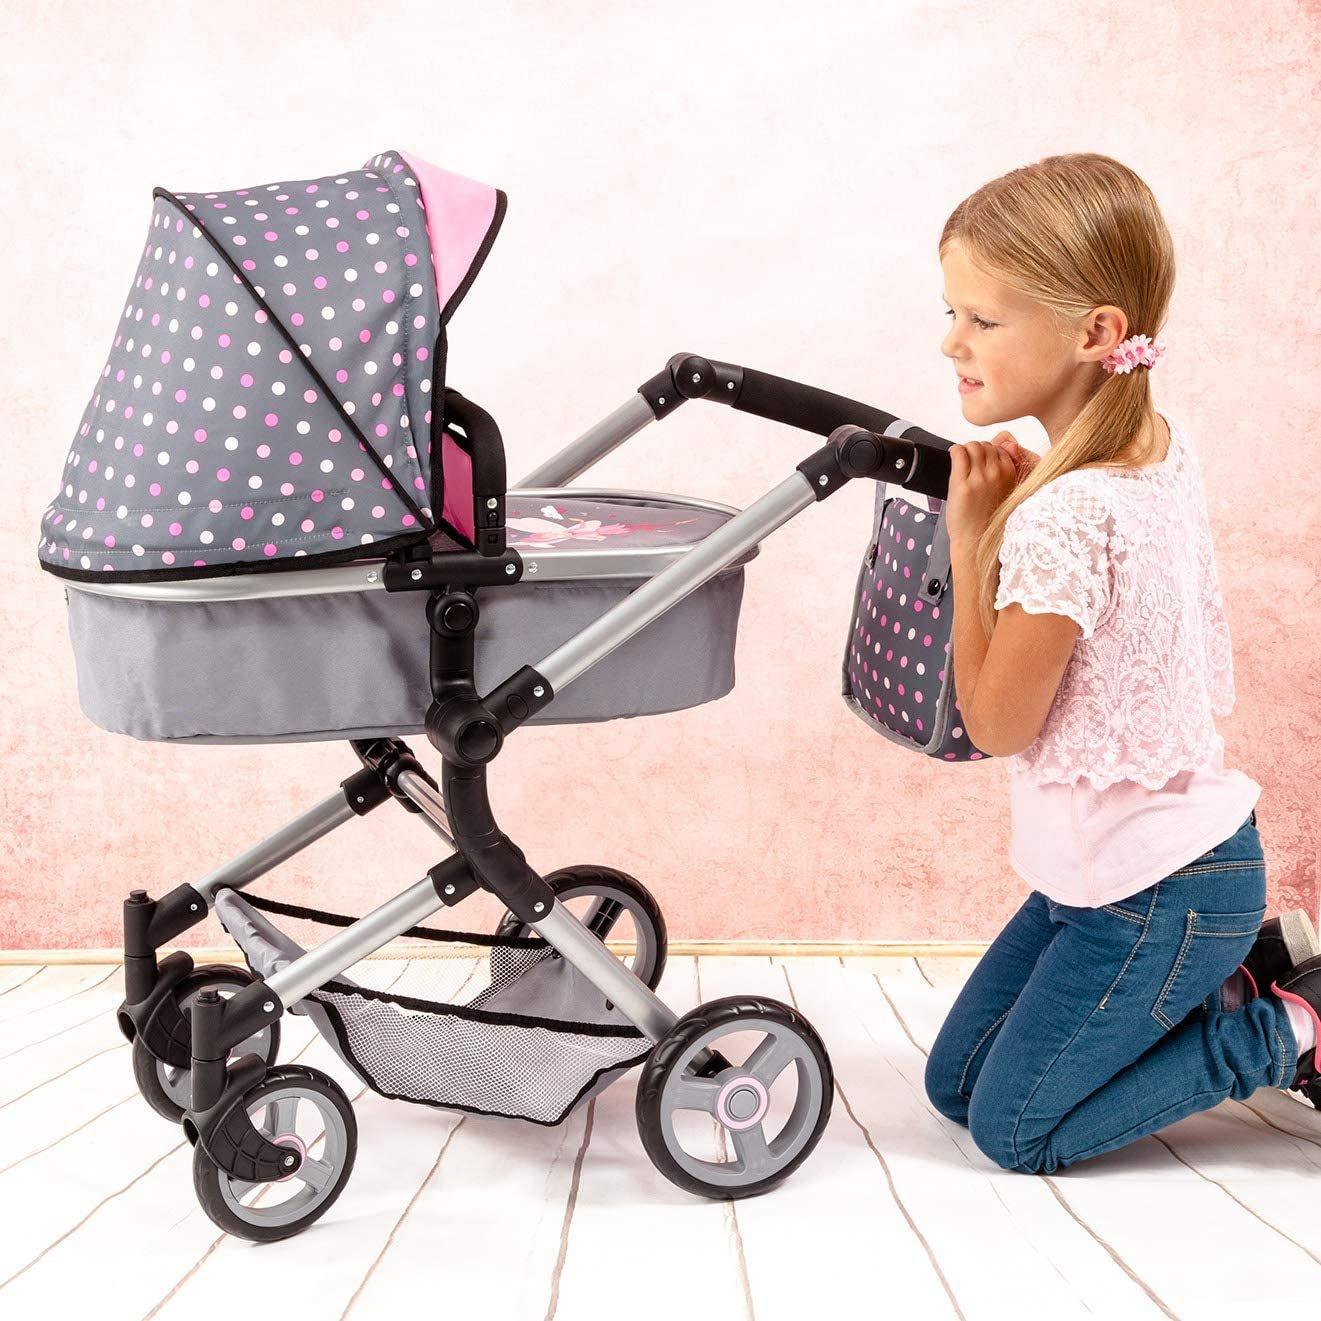 Wózek dla lalek 2w1 - Neo Vario - dla dziewczynek od 3 roku życia